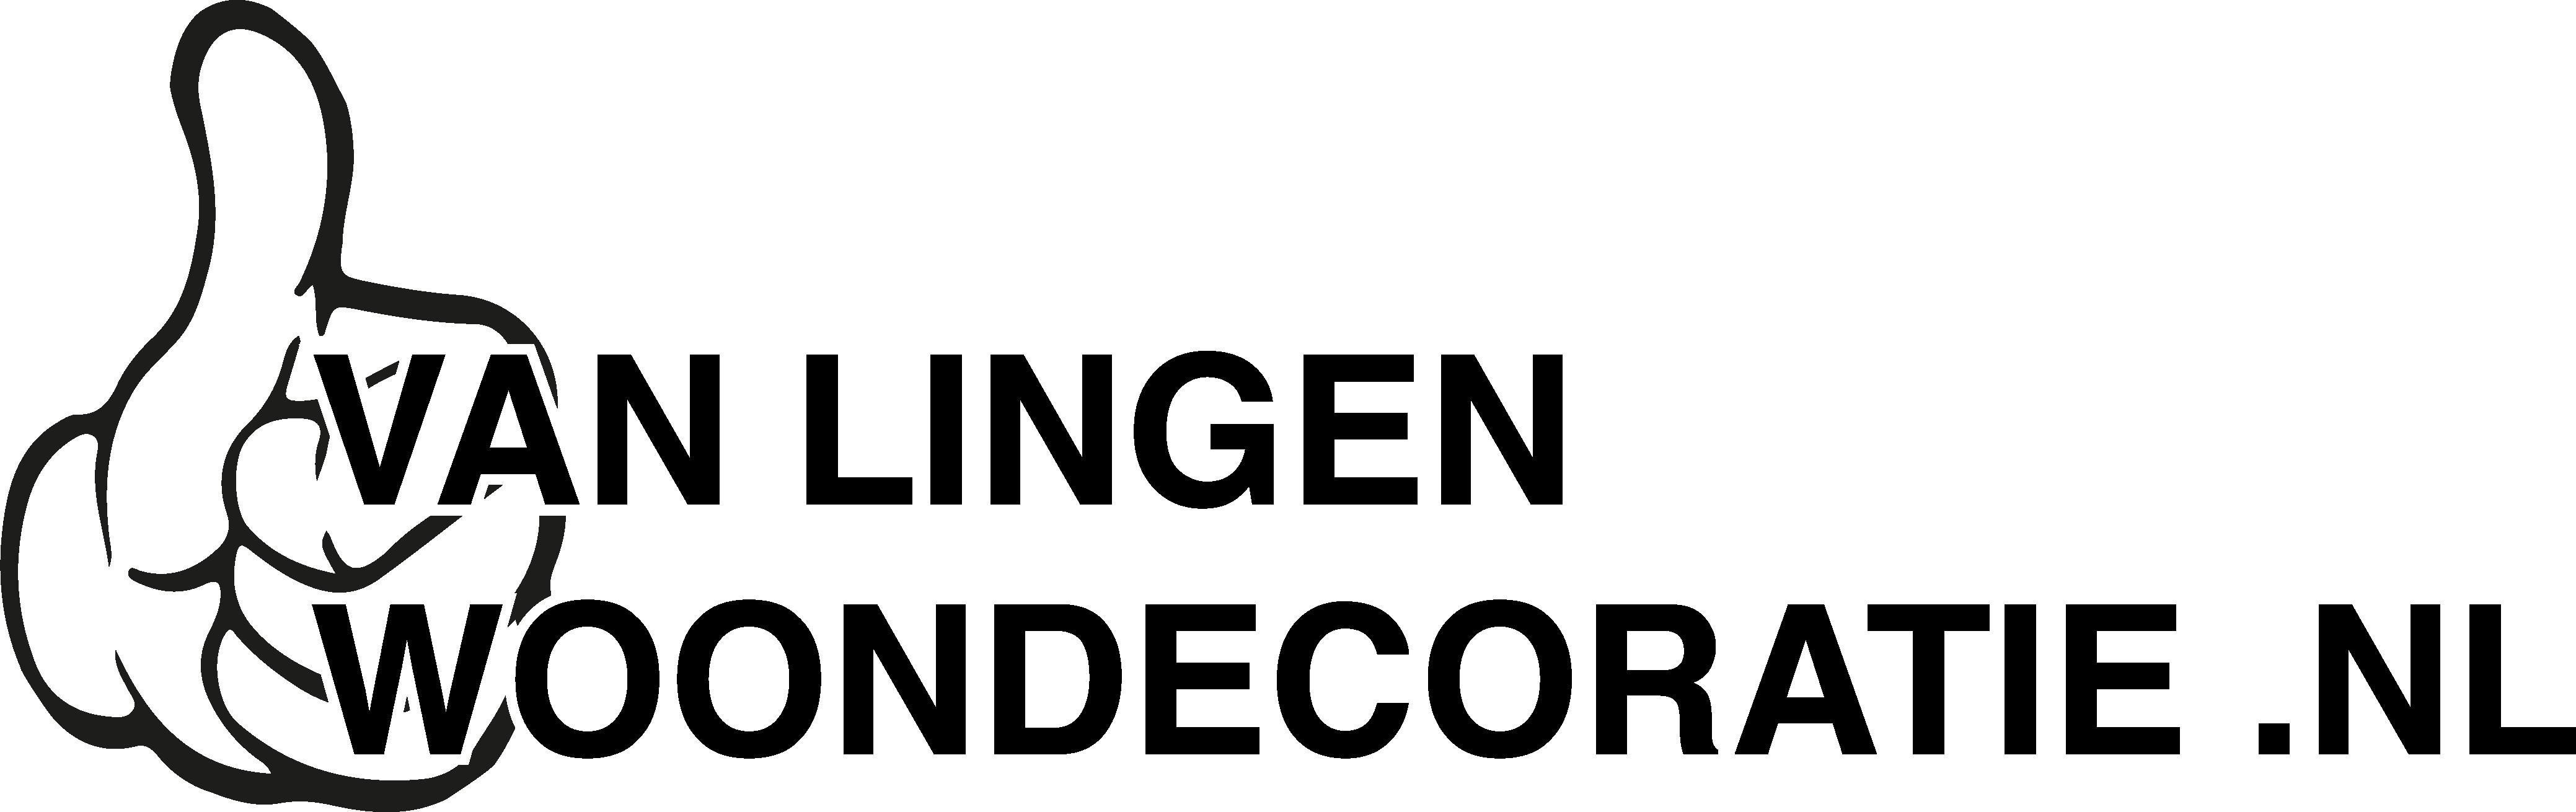 Van Lingen woondecoratie